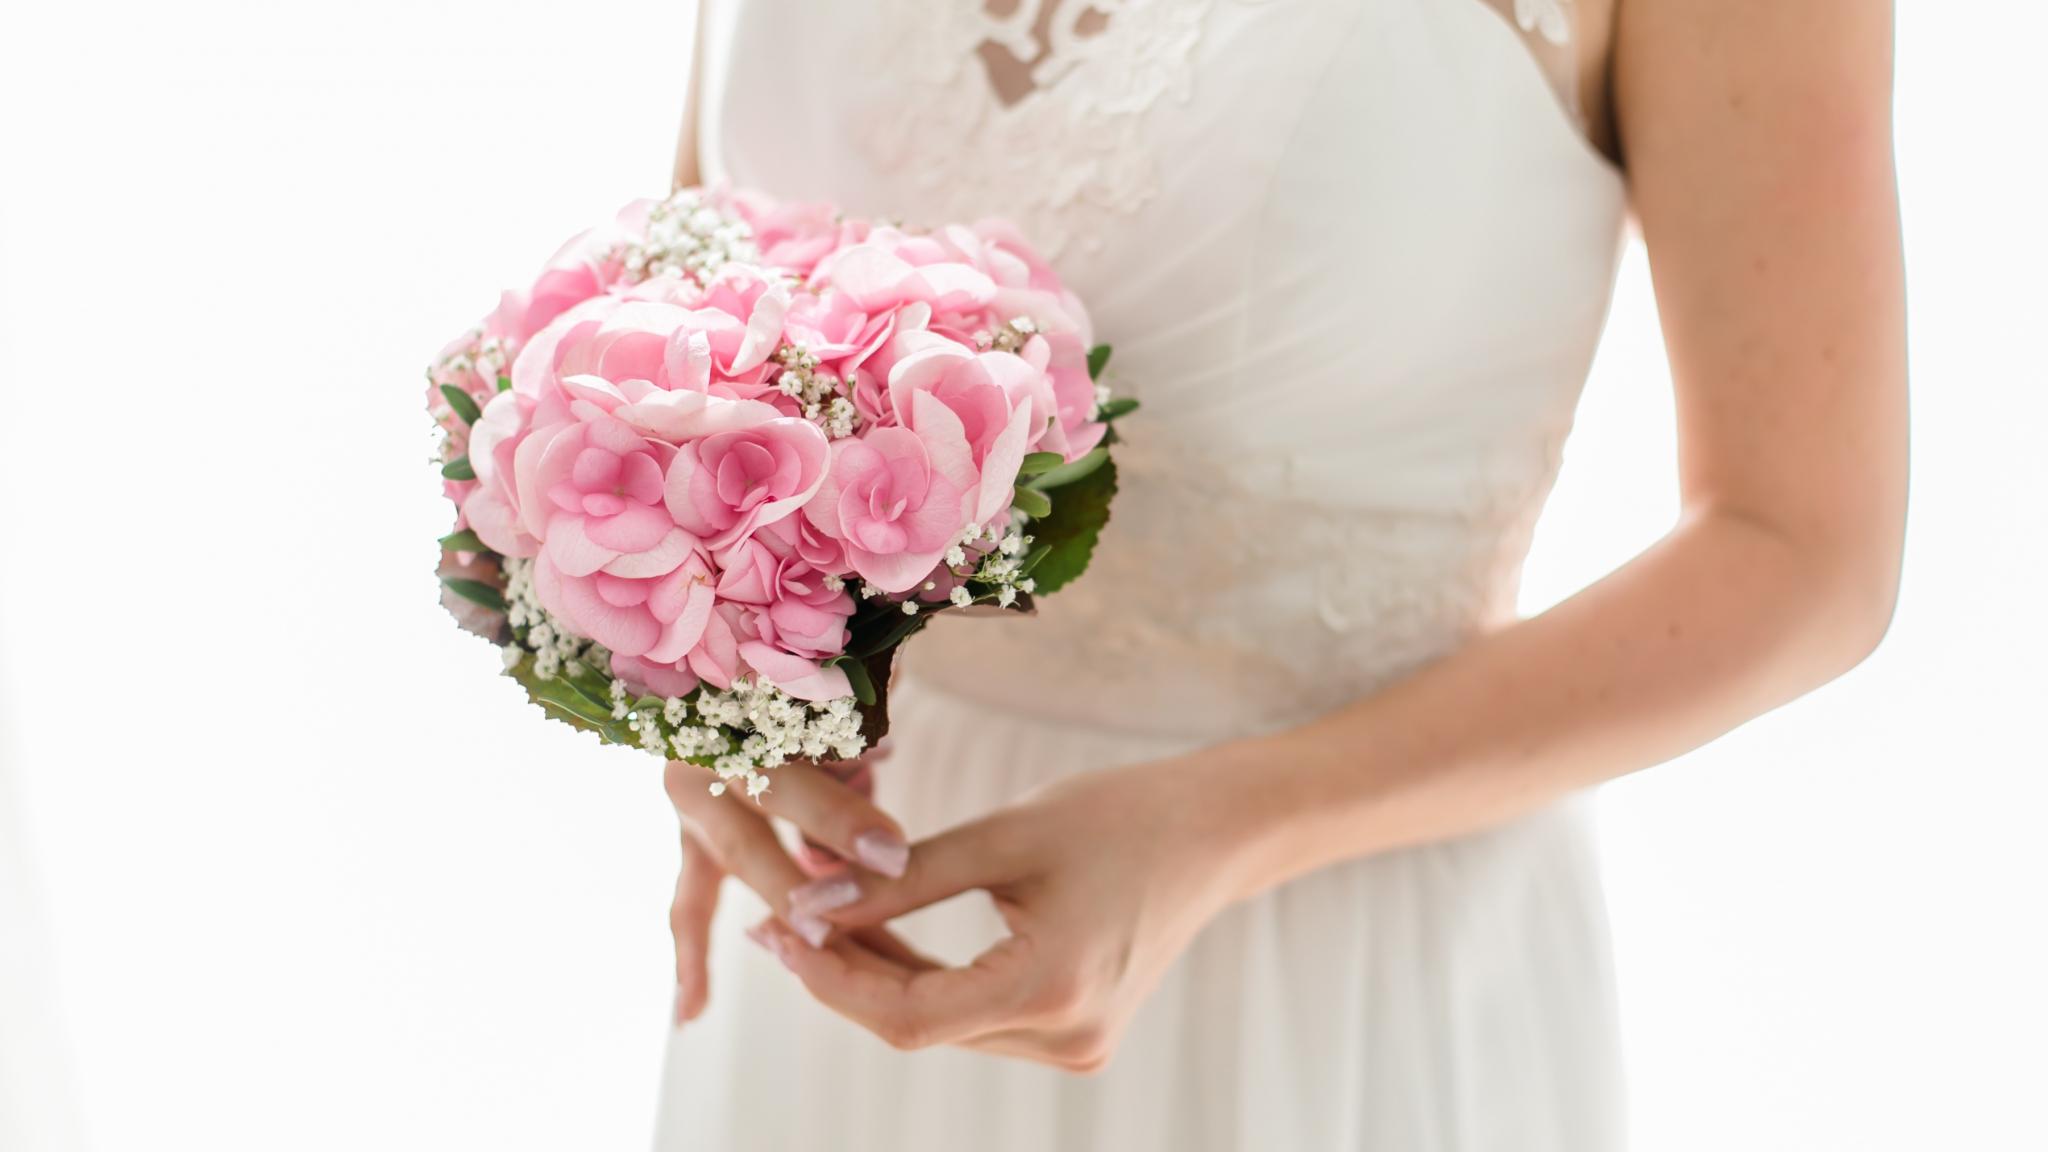 Download 2048x1152 wallpaper wedding bouquets flowers pink dual 2048x1152 wallpaper wedding bouquets flowers pink izmirmasajfo